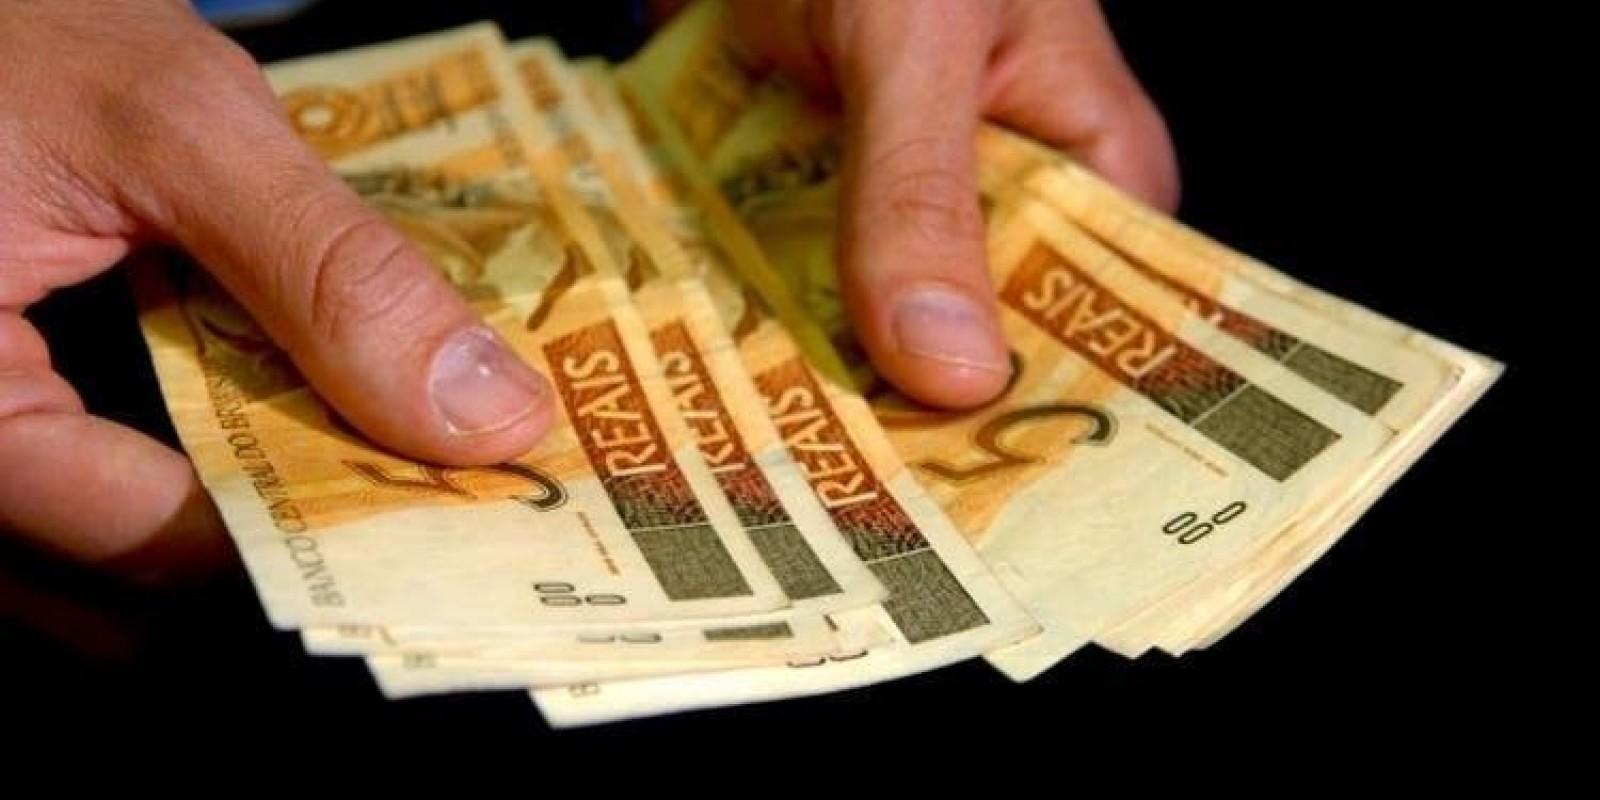 Coronavírus: quem pode receber o benefício de R$ 600 e como será feito o pagamento